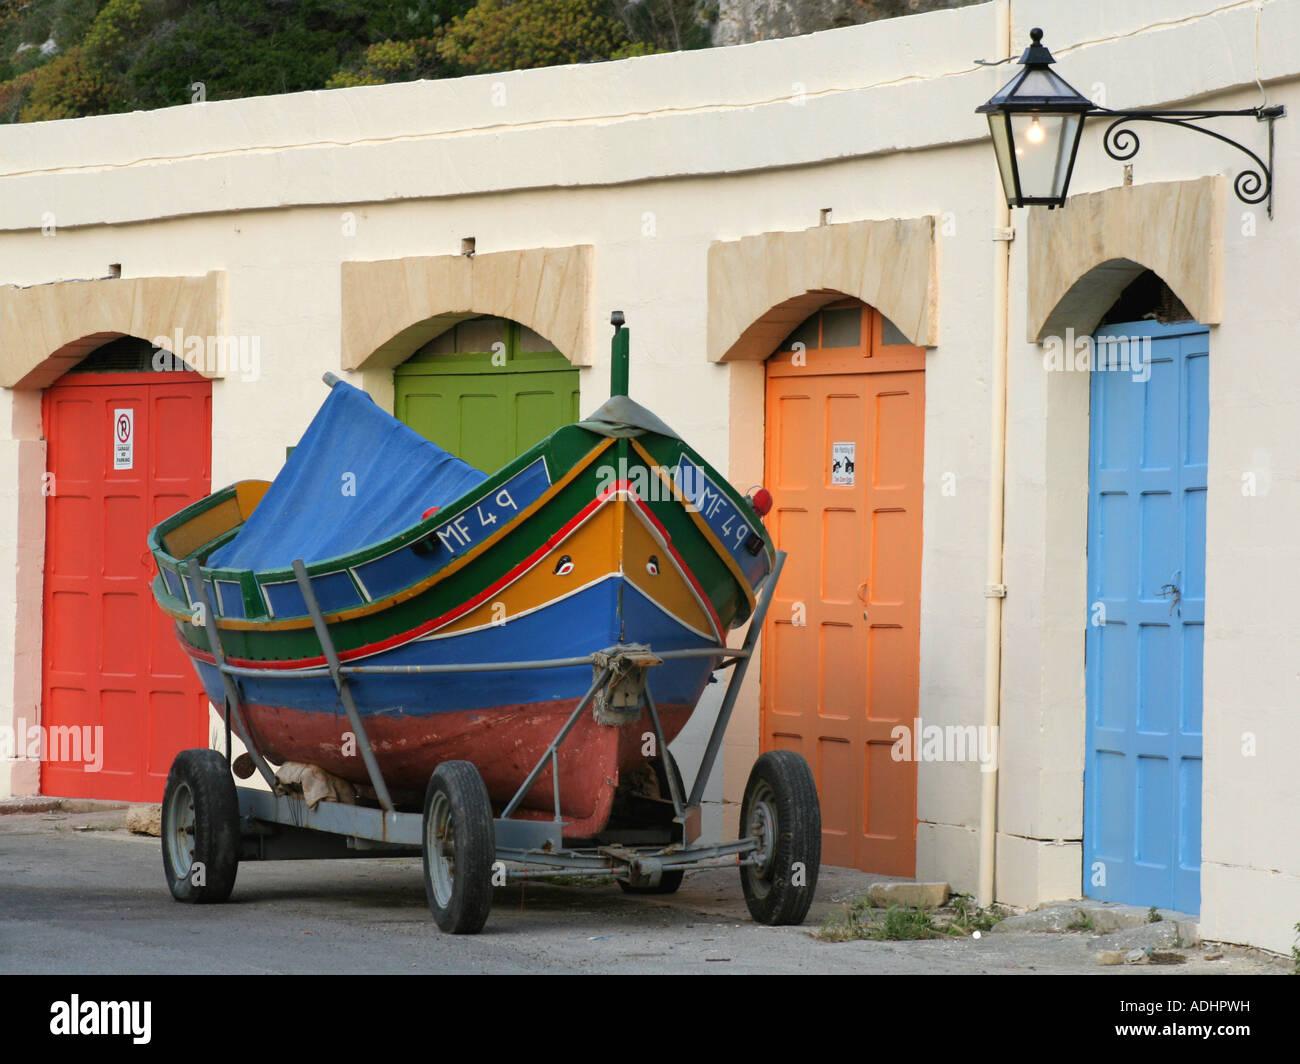 (Luzzu Maltese tradizionale barca da pesca) su un rimorchio al di fuori di una fila di garage di Xlendi, Gozo, Malta Immagini Stock